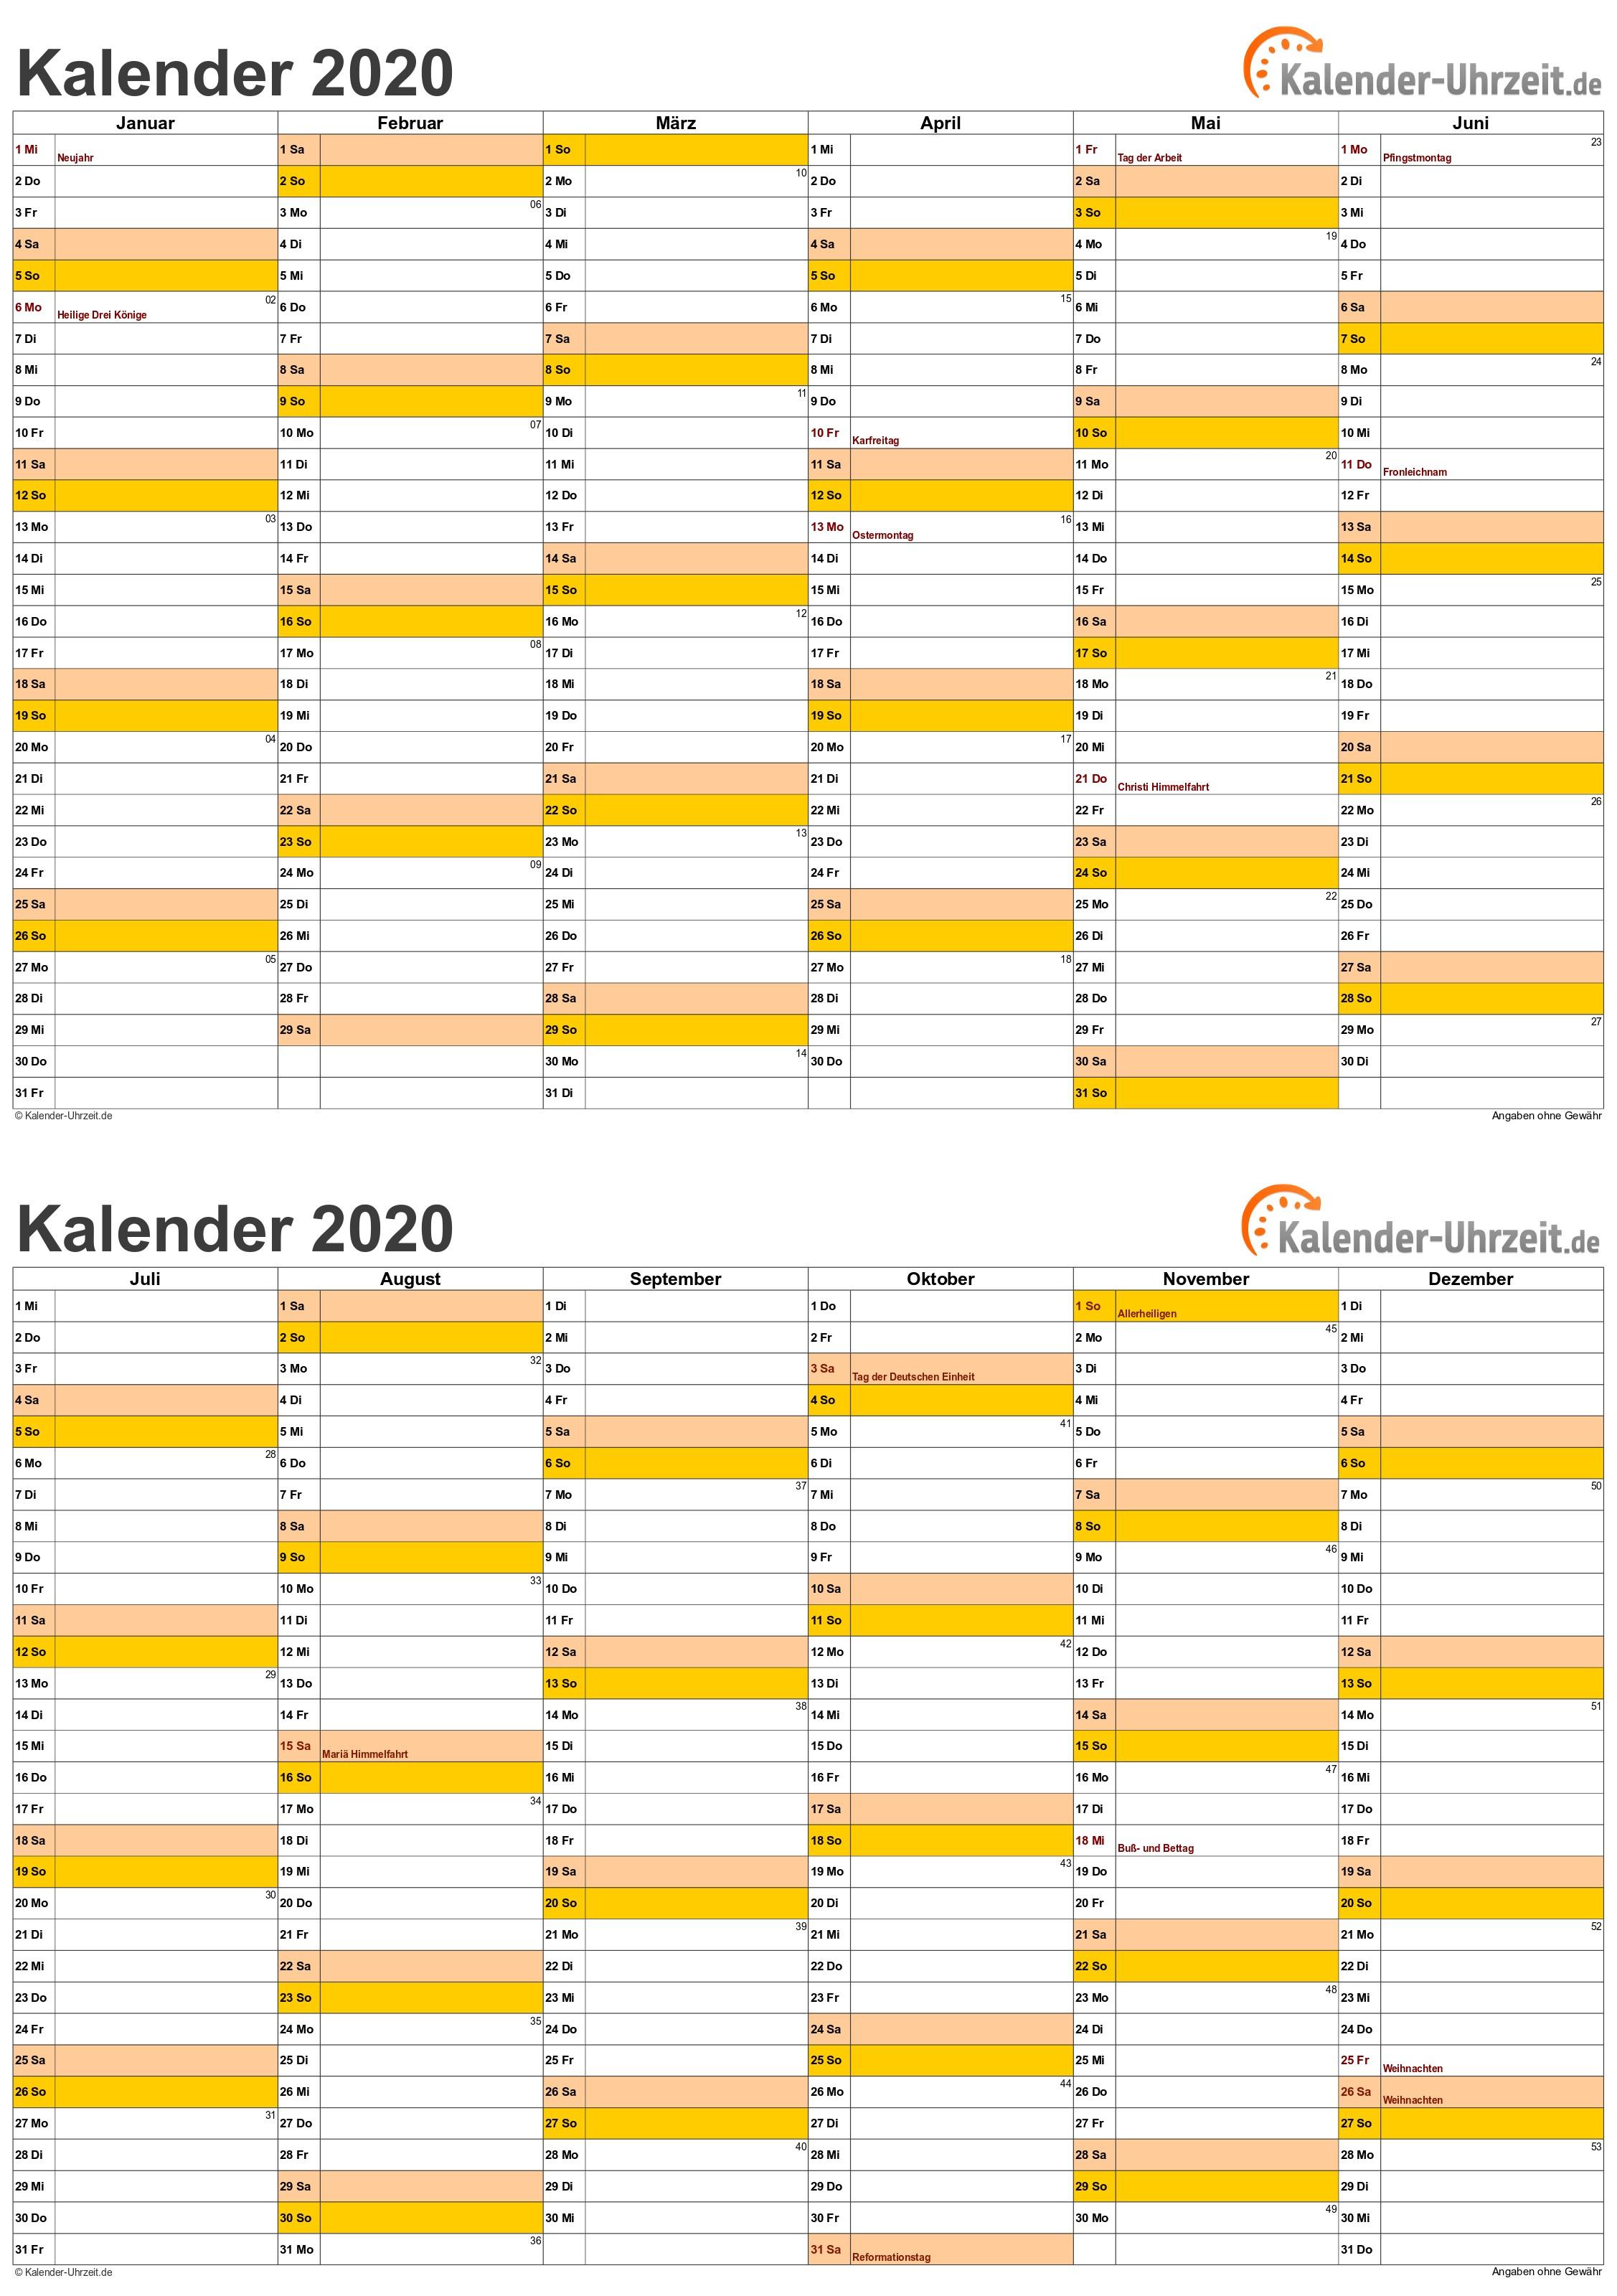 Kalender 2019 Excel Vorlagen Más Caliente Excel Kalender 2020 Kostenlos Of Kalender 2019 Excel Vorlagen Actual Microsoft Excel Calendar 2014 Template Unique Projektplan Excel